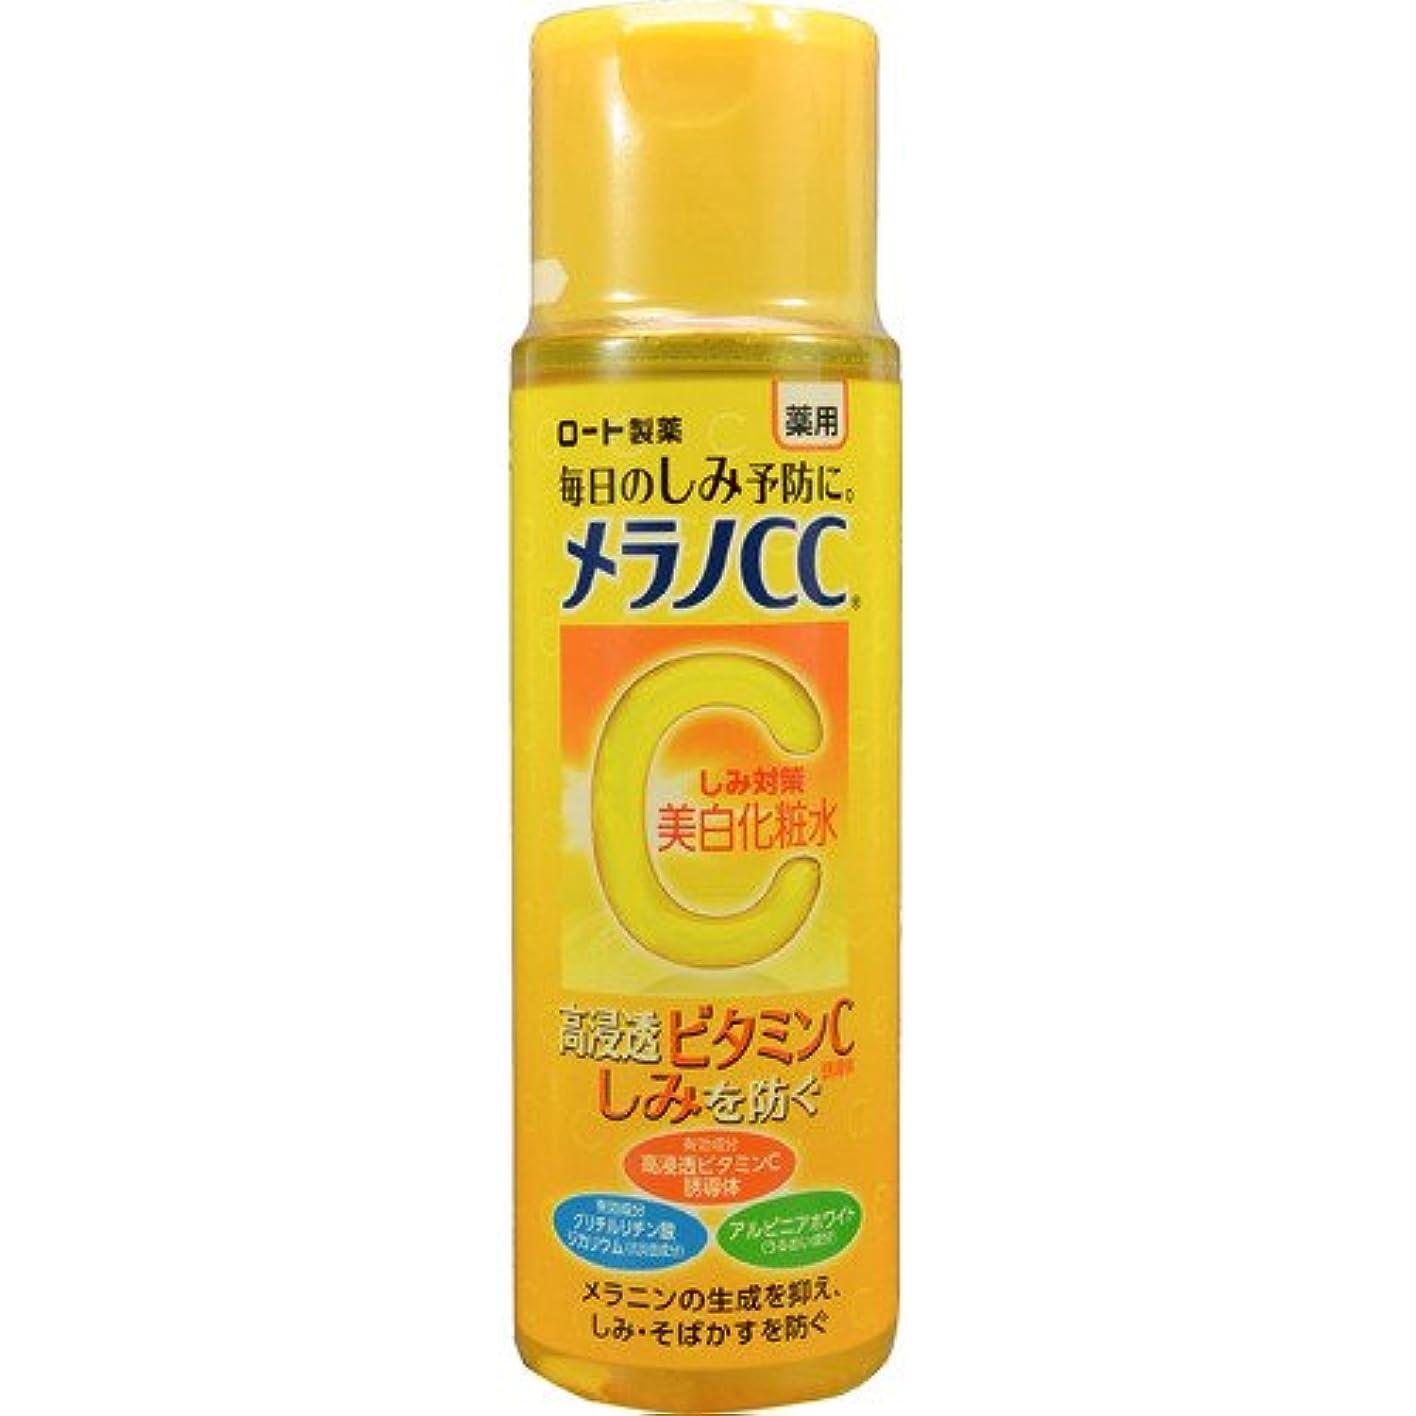 リークメダル関係メラノCC 薬用しみ対策美白化粧水 × 3個セット